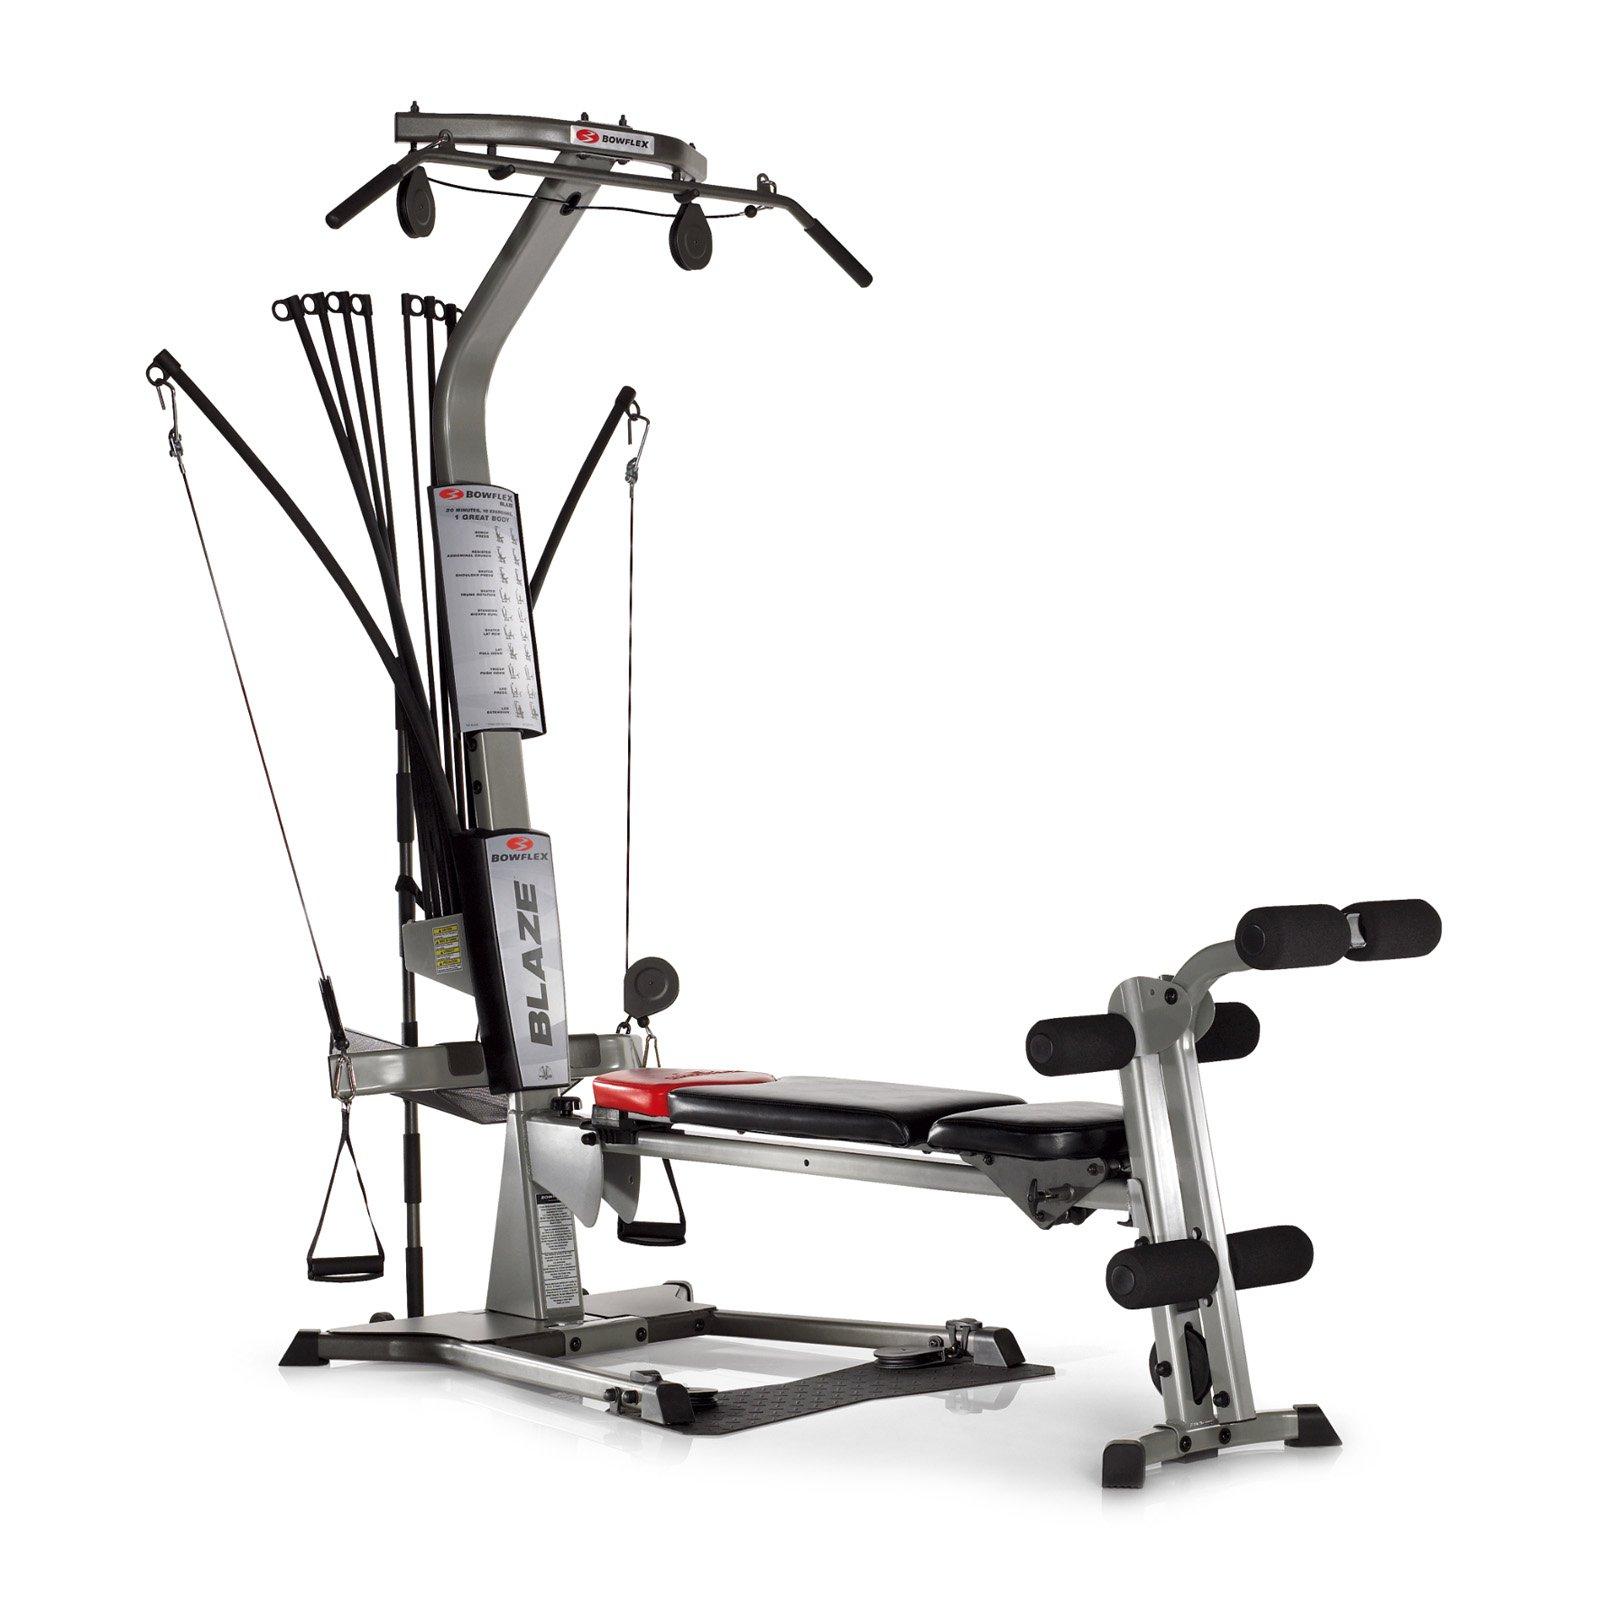 The Best Machine From Bowflex